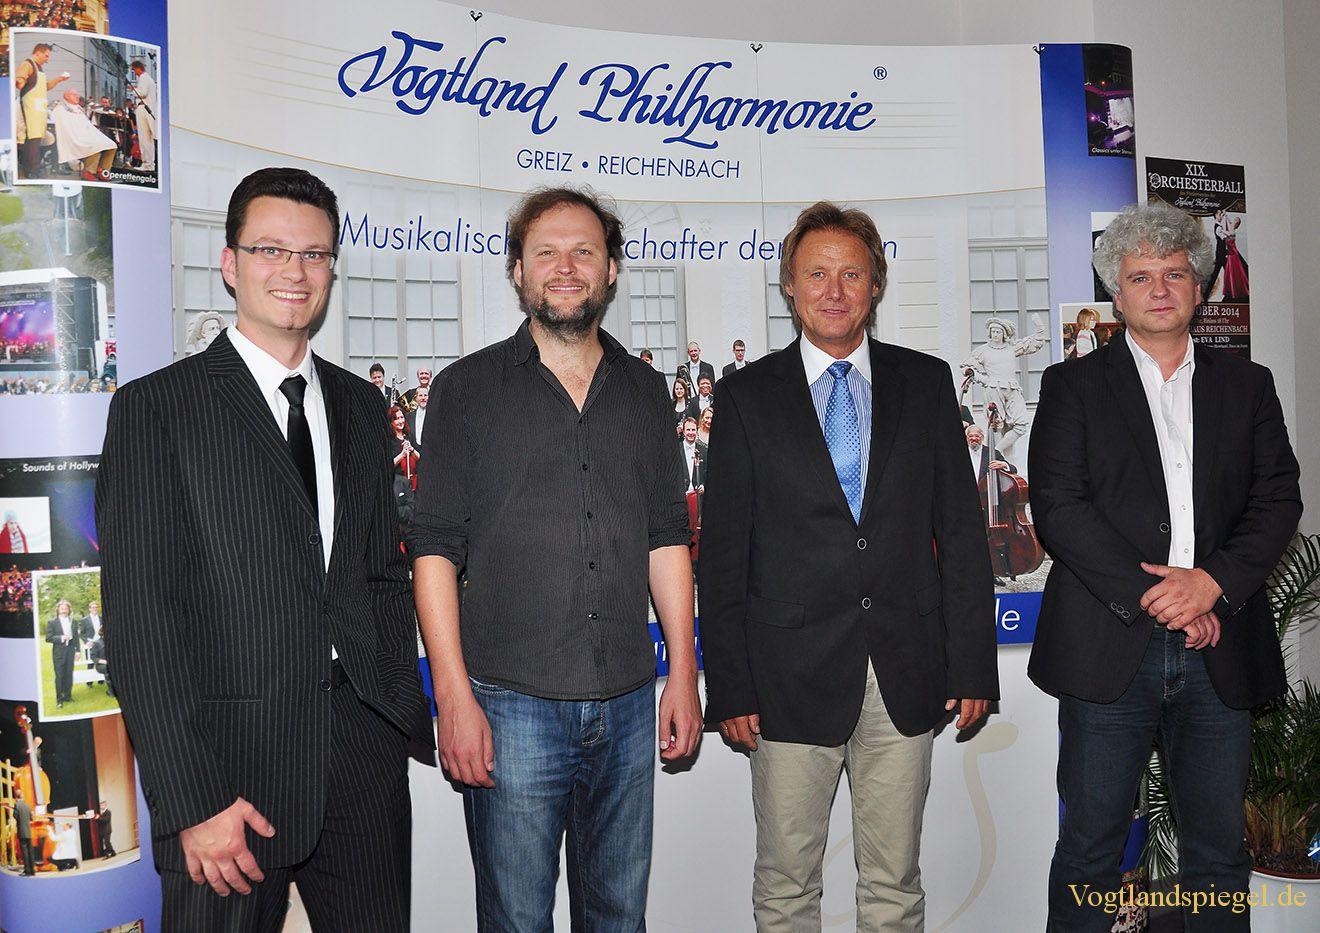 Vogtland Philharmonie Greiz/Reichenbach startet in die neue Konzertsaison